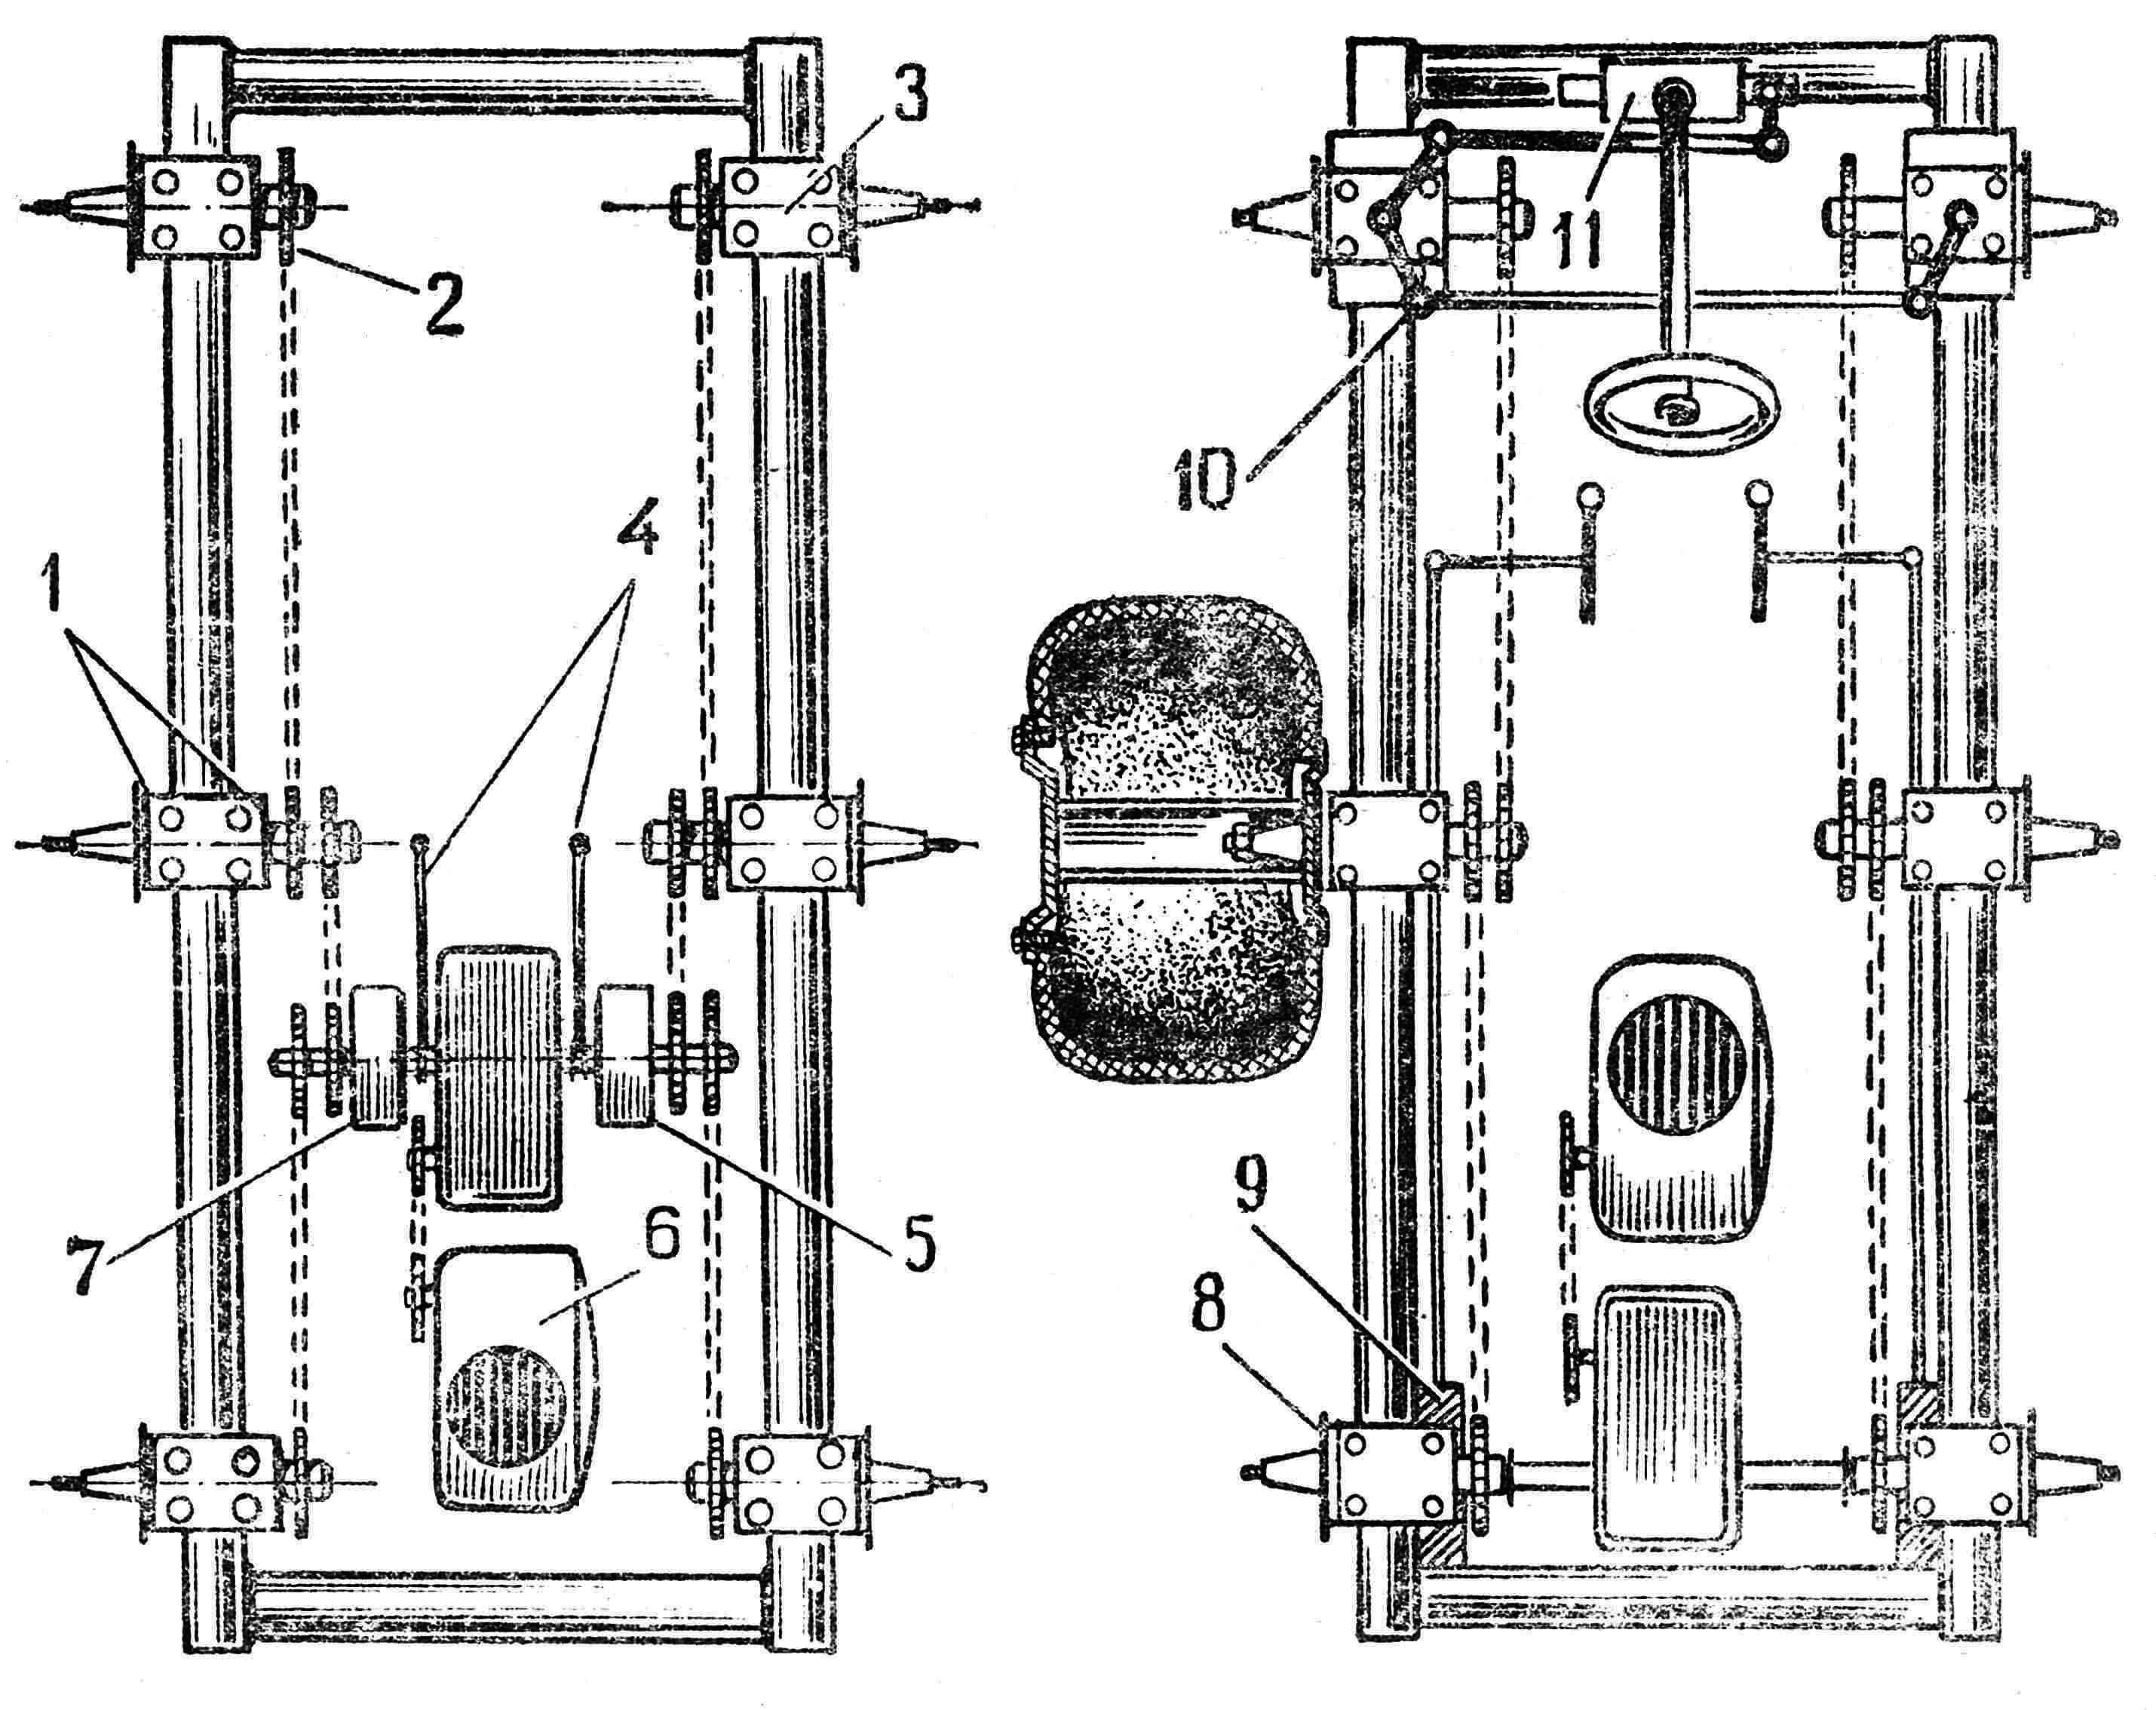 Рис. 3. Кинематическая схема: 1 — ступица, 2 — ведомая звездочка, 3 — ступица, 4 — рычаги управления, 5 — муфта, 6 — двигатель, 7 — муфта, 8 — ступица, 9 — тормозное устройство, 10 — рулевые тяги, 11 — рулевой механизм.